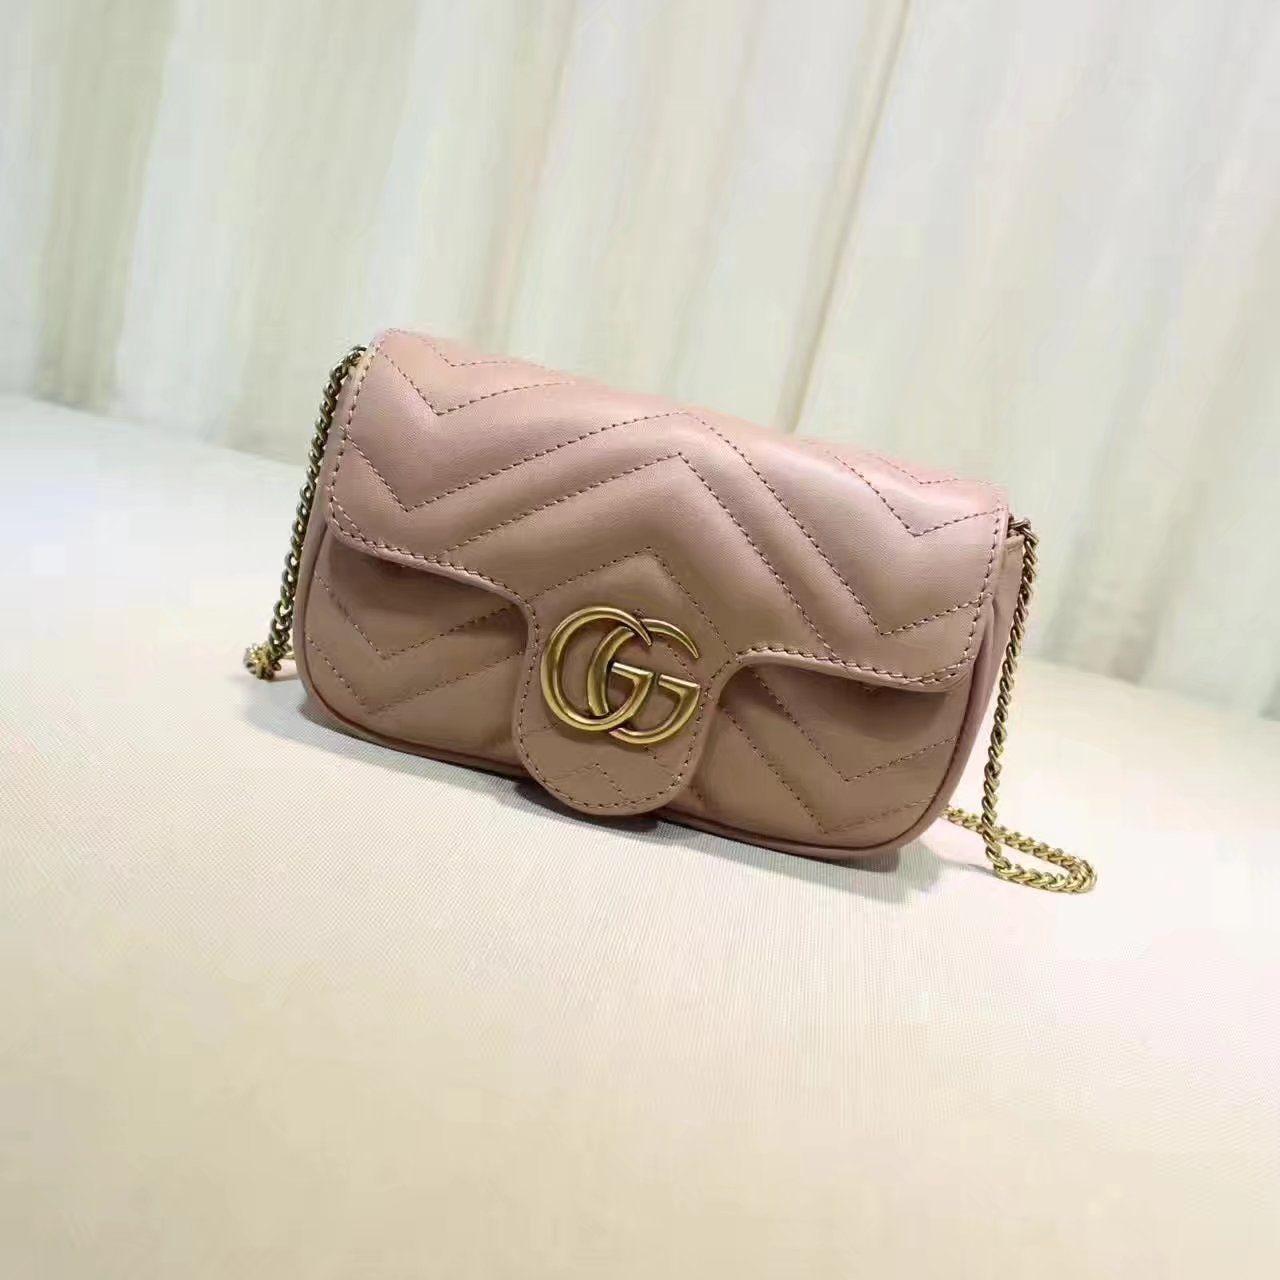 4cdf24882578 Replica GUCCI GG Marmont matelasse leather super mini bag nude ID:31677